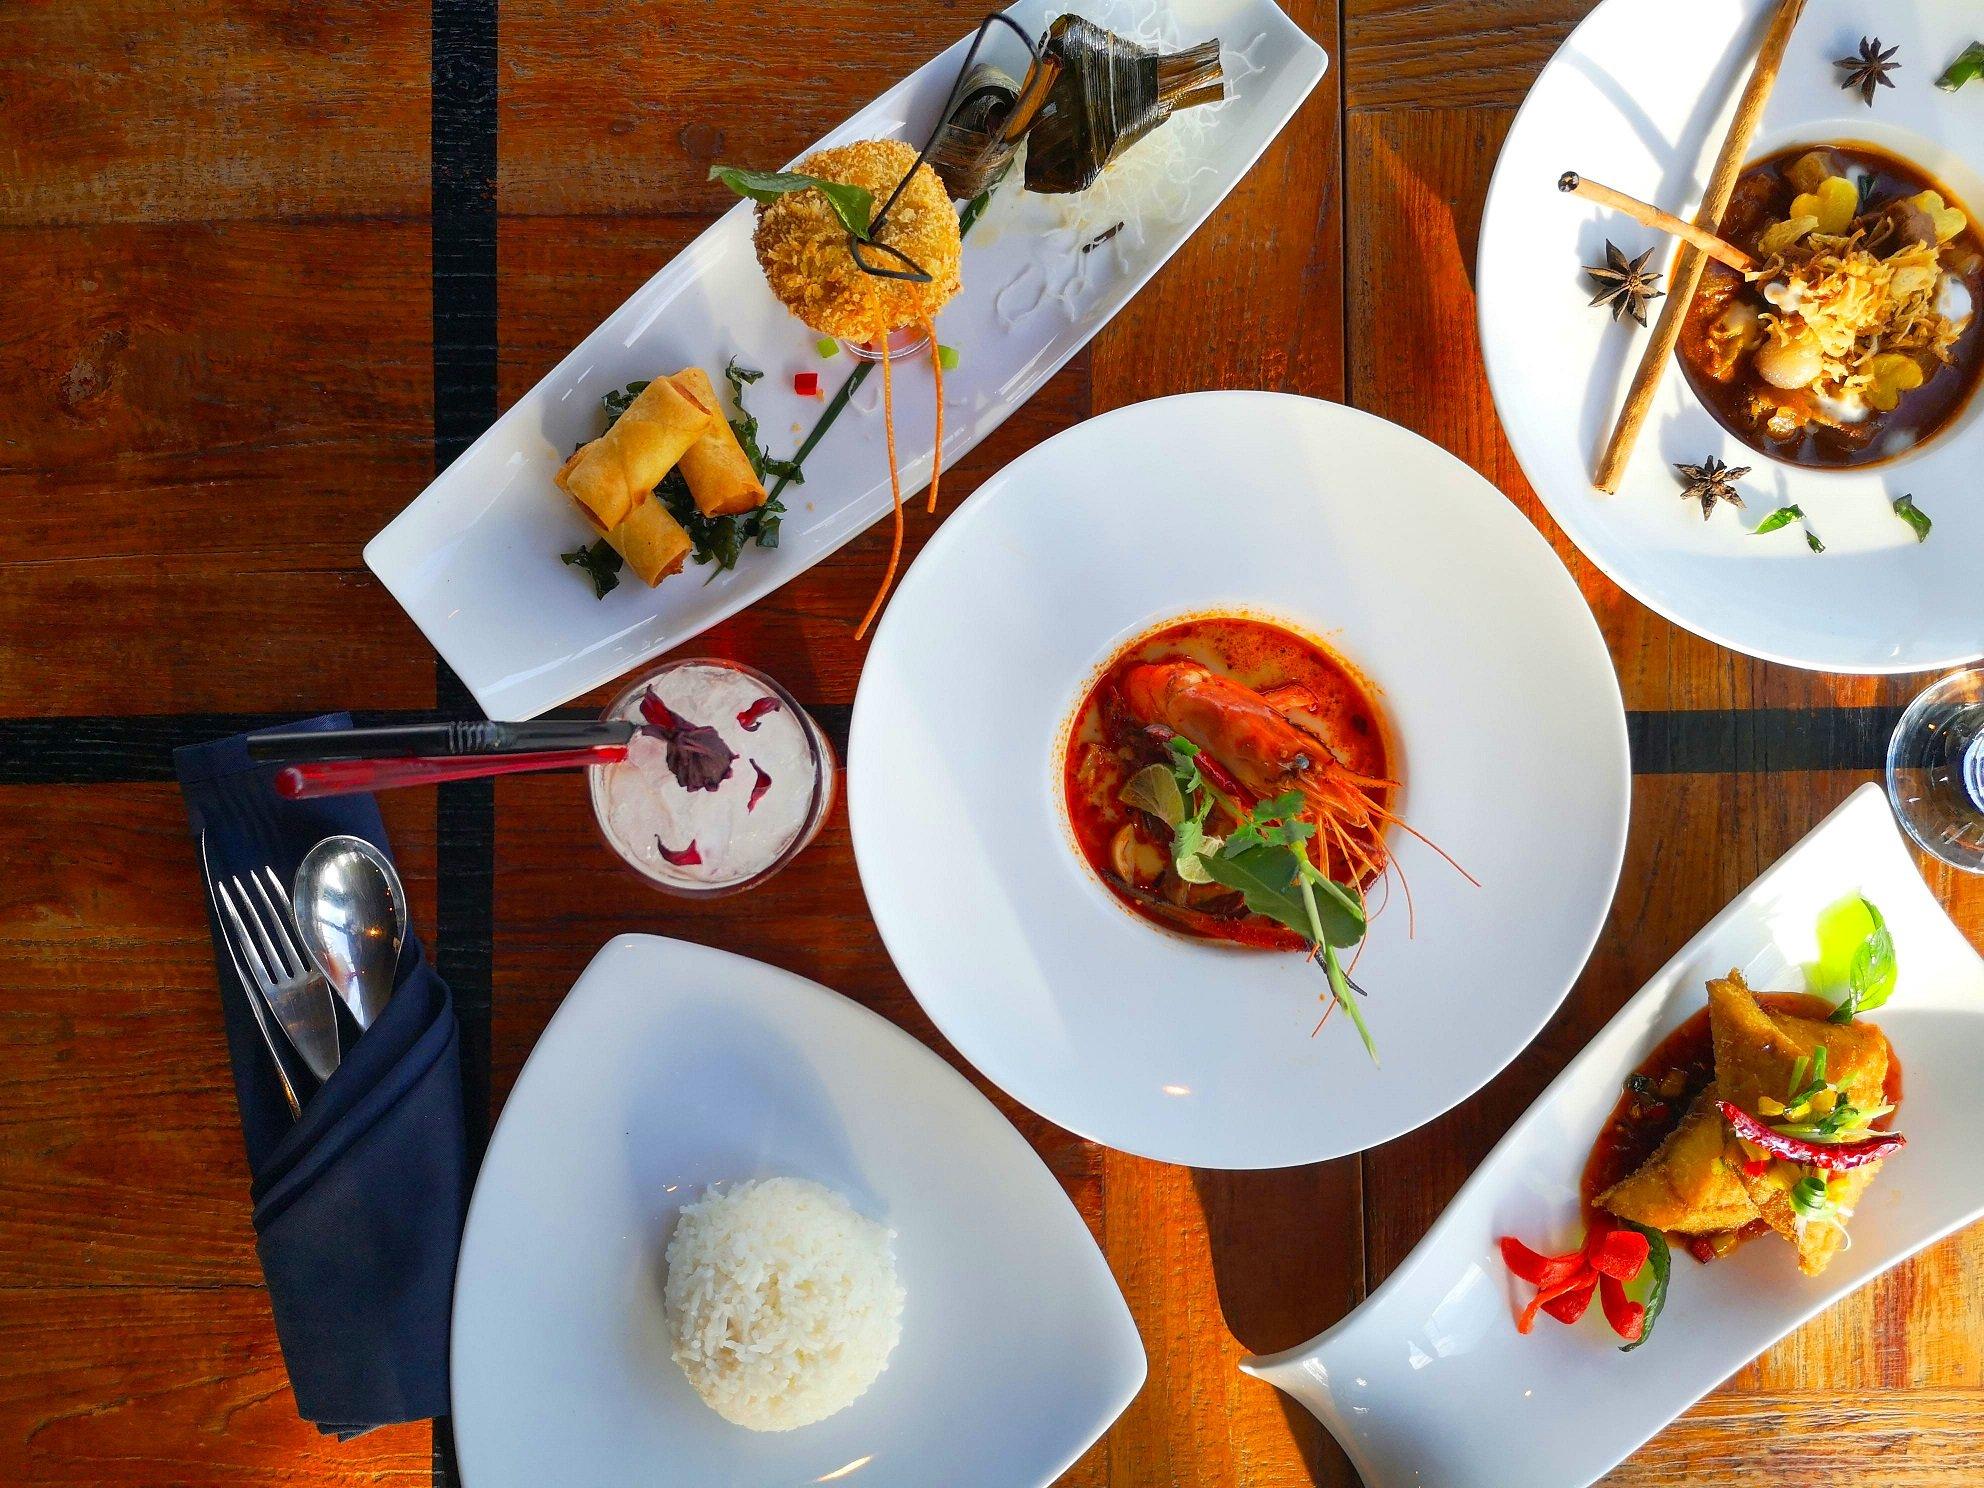 สัมผัสมนต์เสน่ห์ของอาหารไทยต้นตำรับสไตล์โมเดิร์นระดับไฮเอนด์ ณ บางกอก ไฮทส์ โรงแรมเดอะคอนทิเน้นท์ กรุงเทพ 2 -